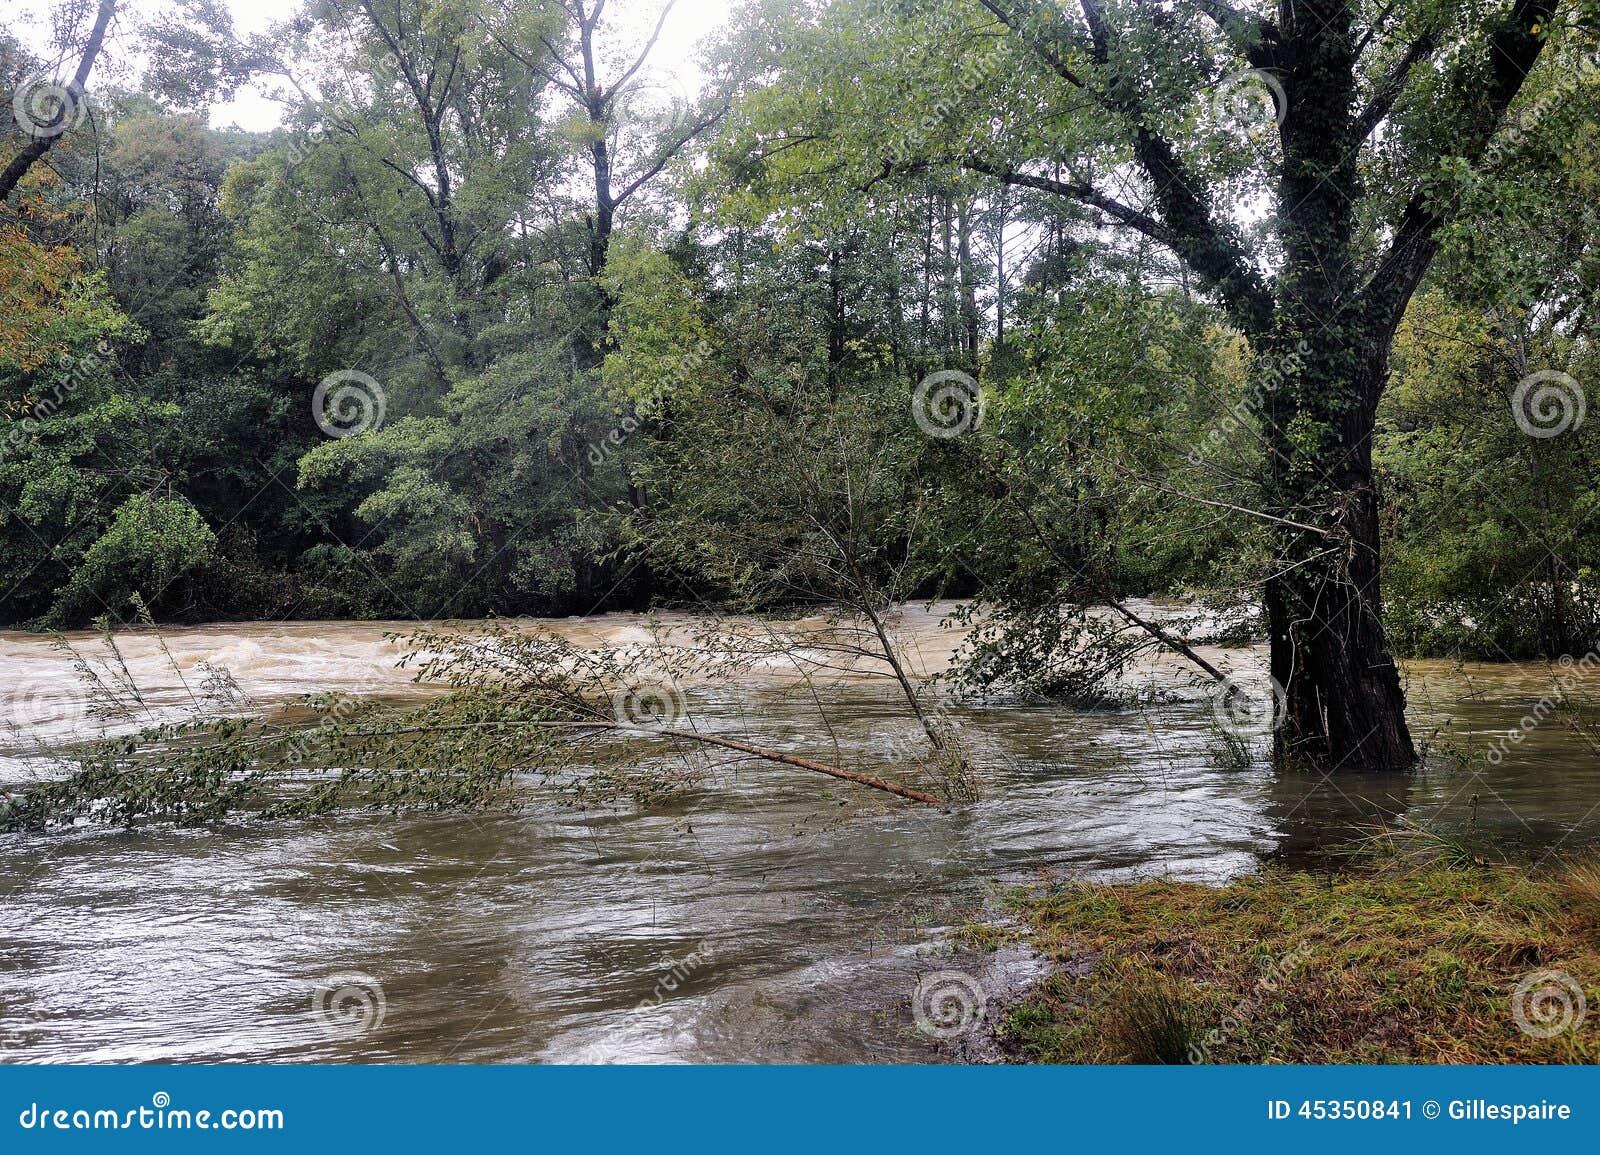 La rivière de Vidourle en inondation après forte pluie